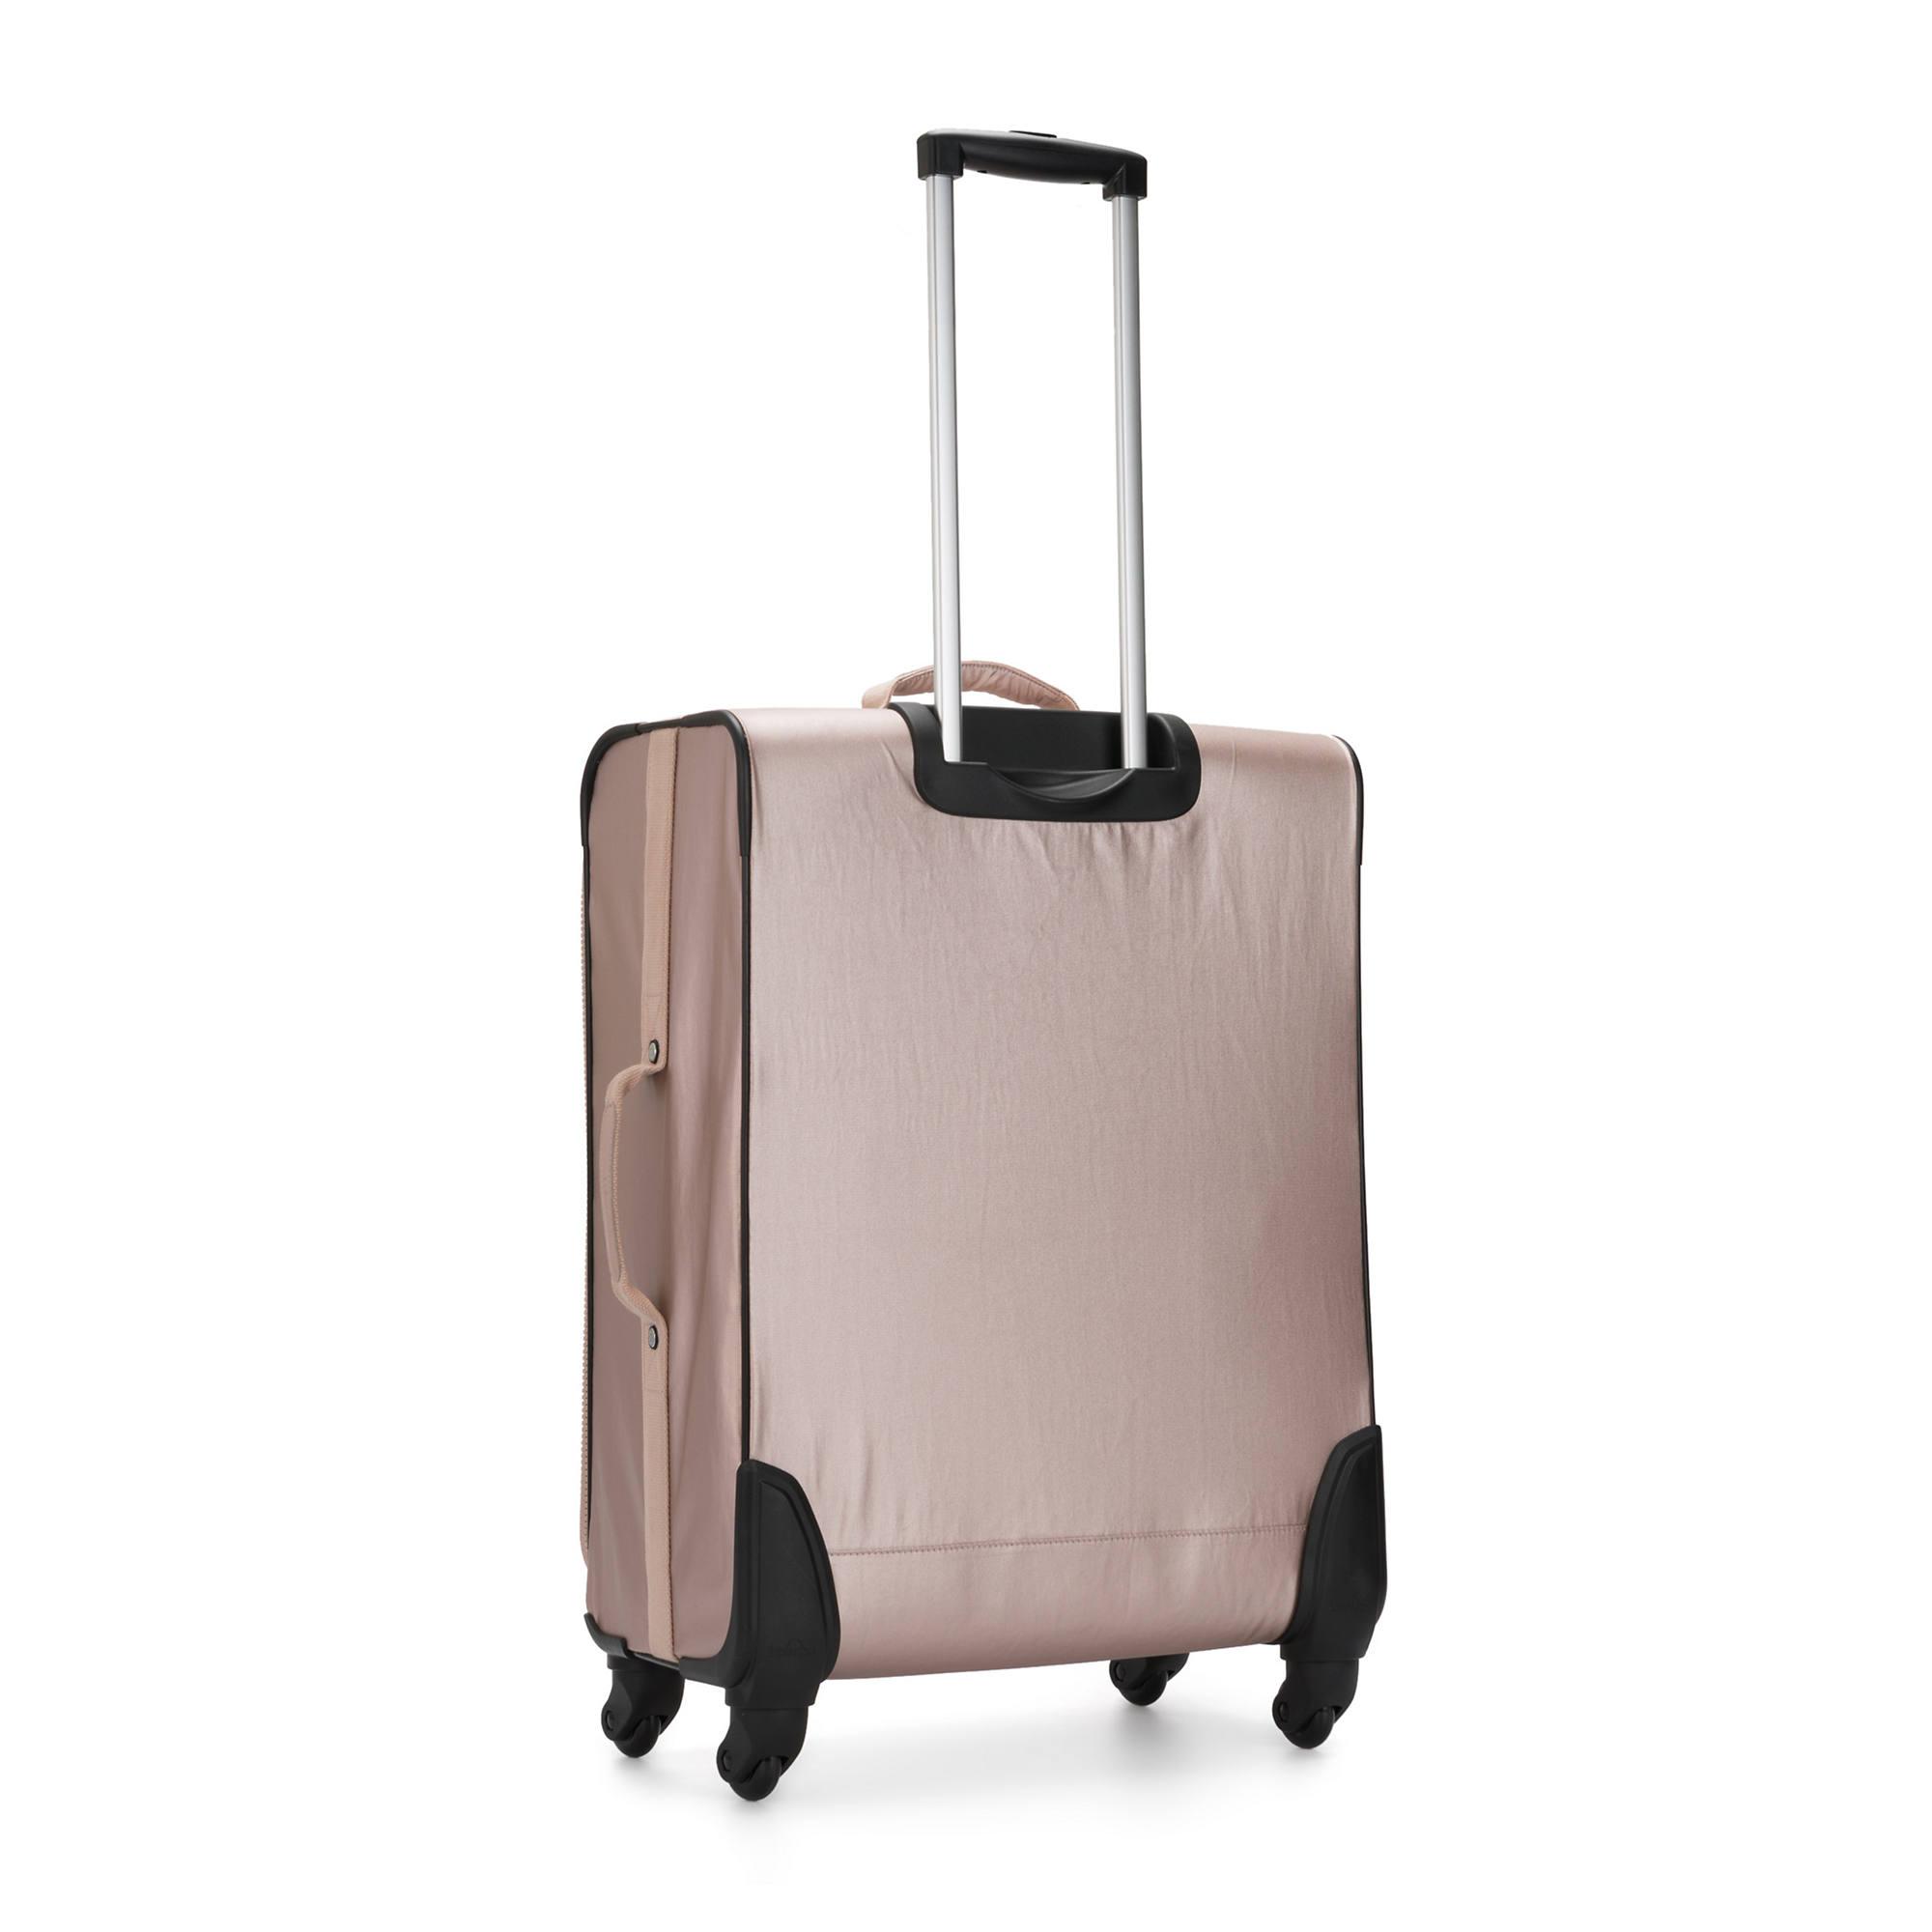 thumbnail 16 - Kipling Parker Medium Metallic Rolling Luggage